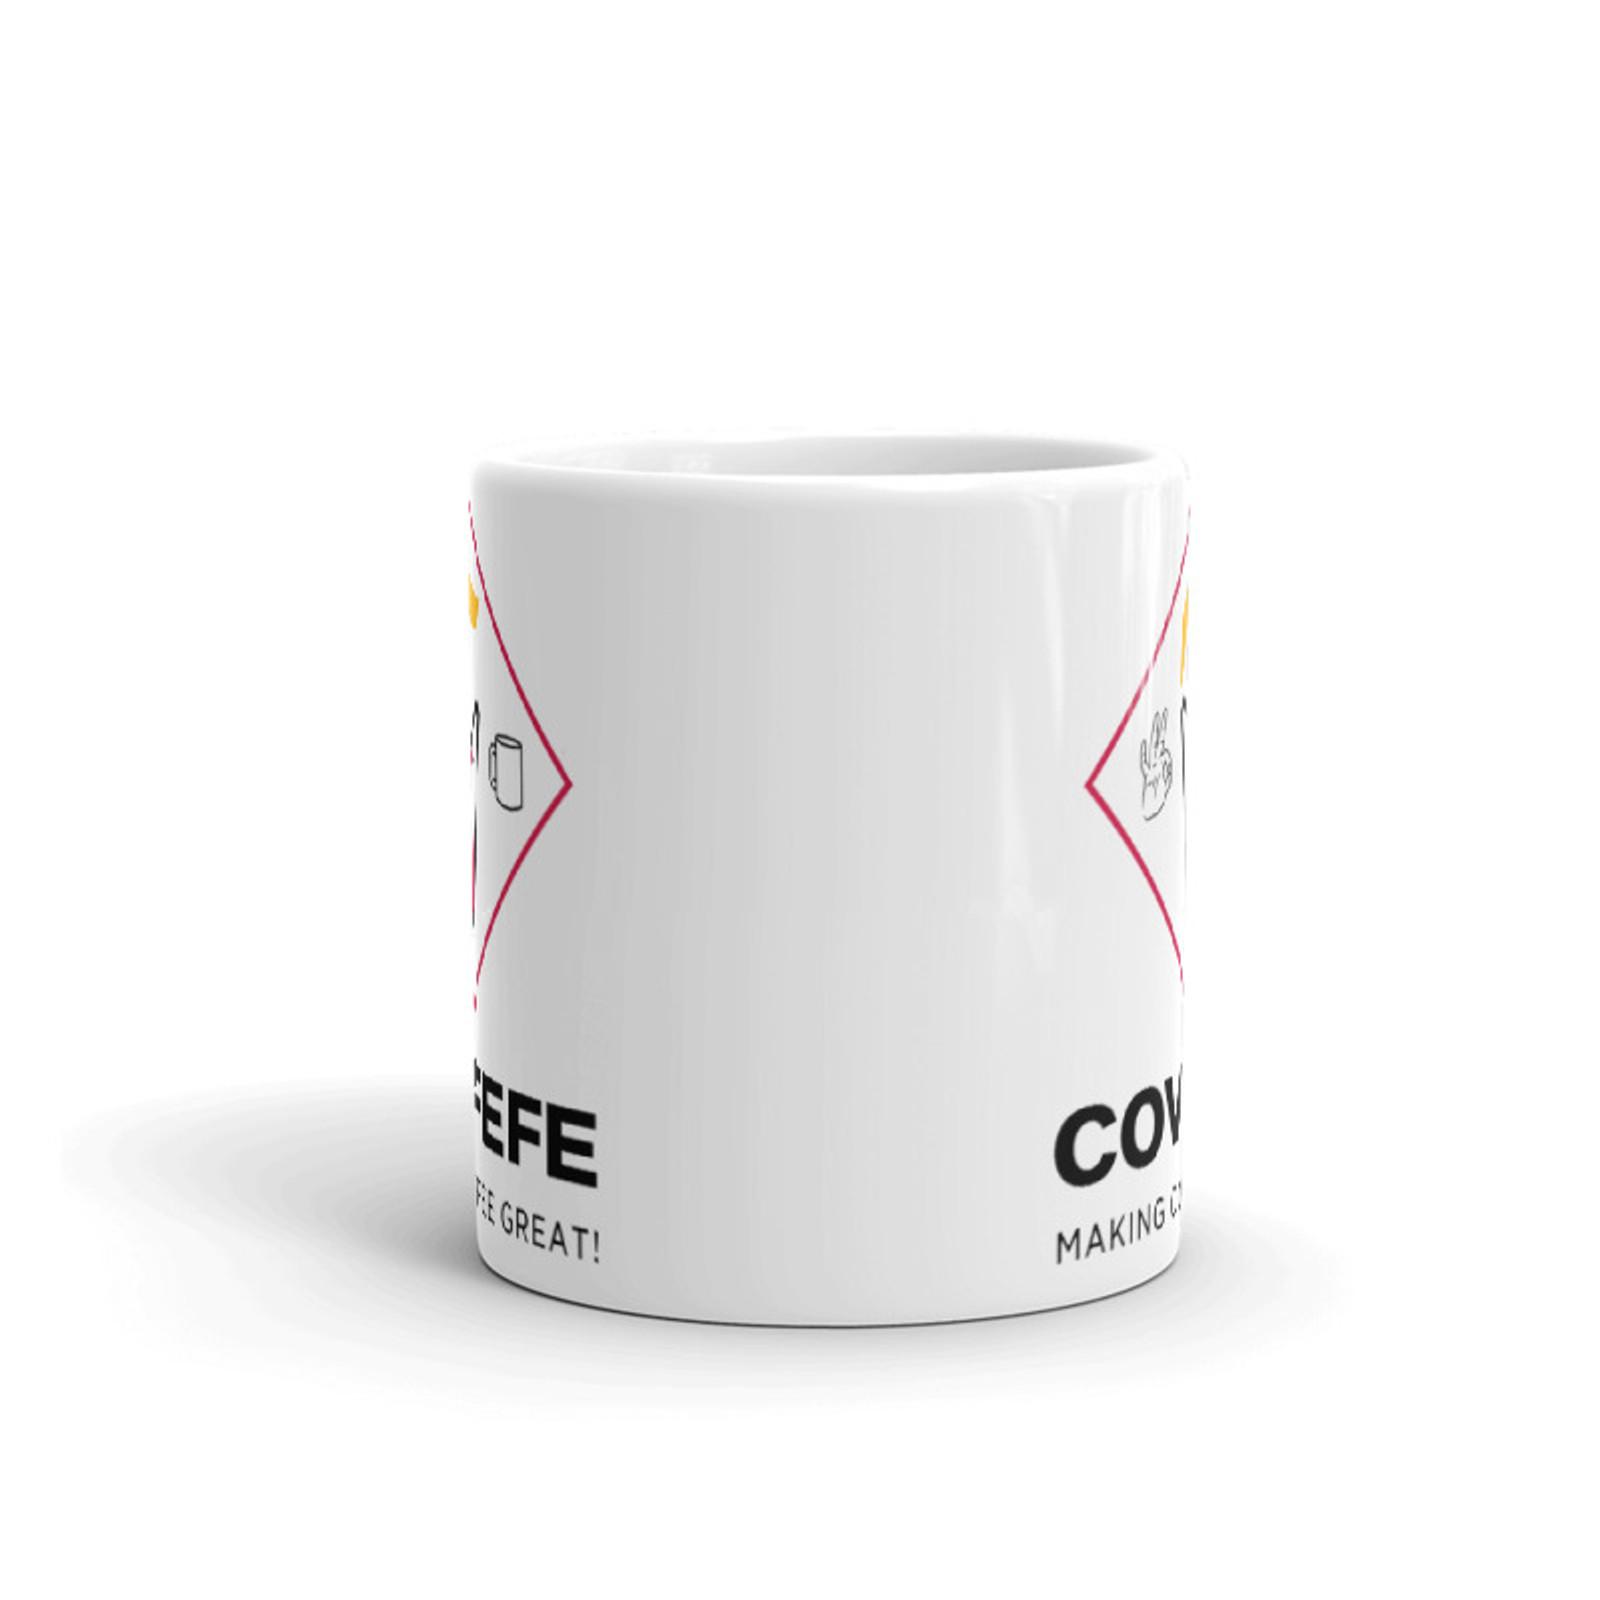 COVFEFE Mug [Colorized Logo]